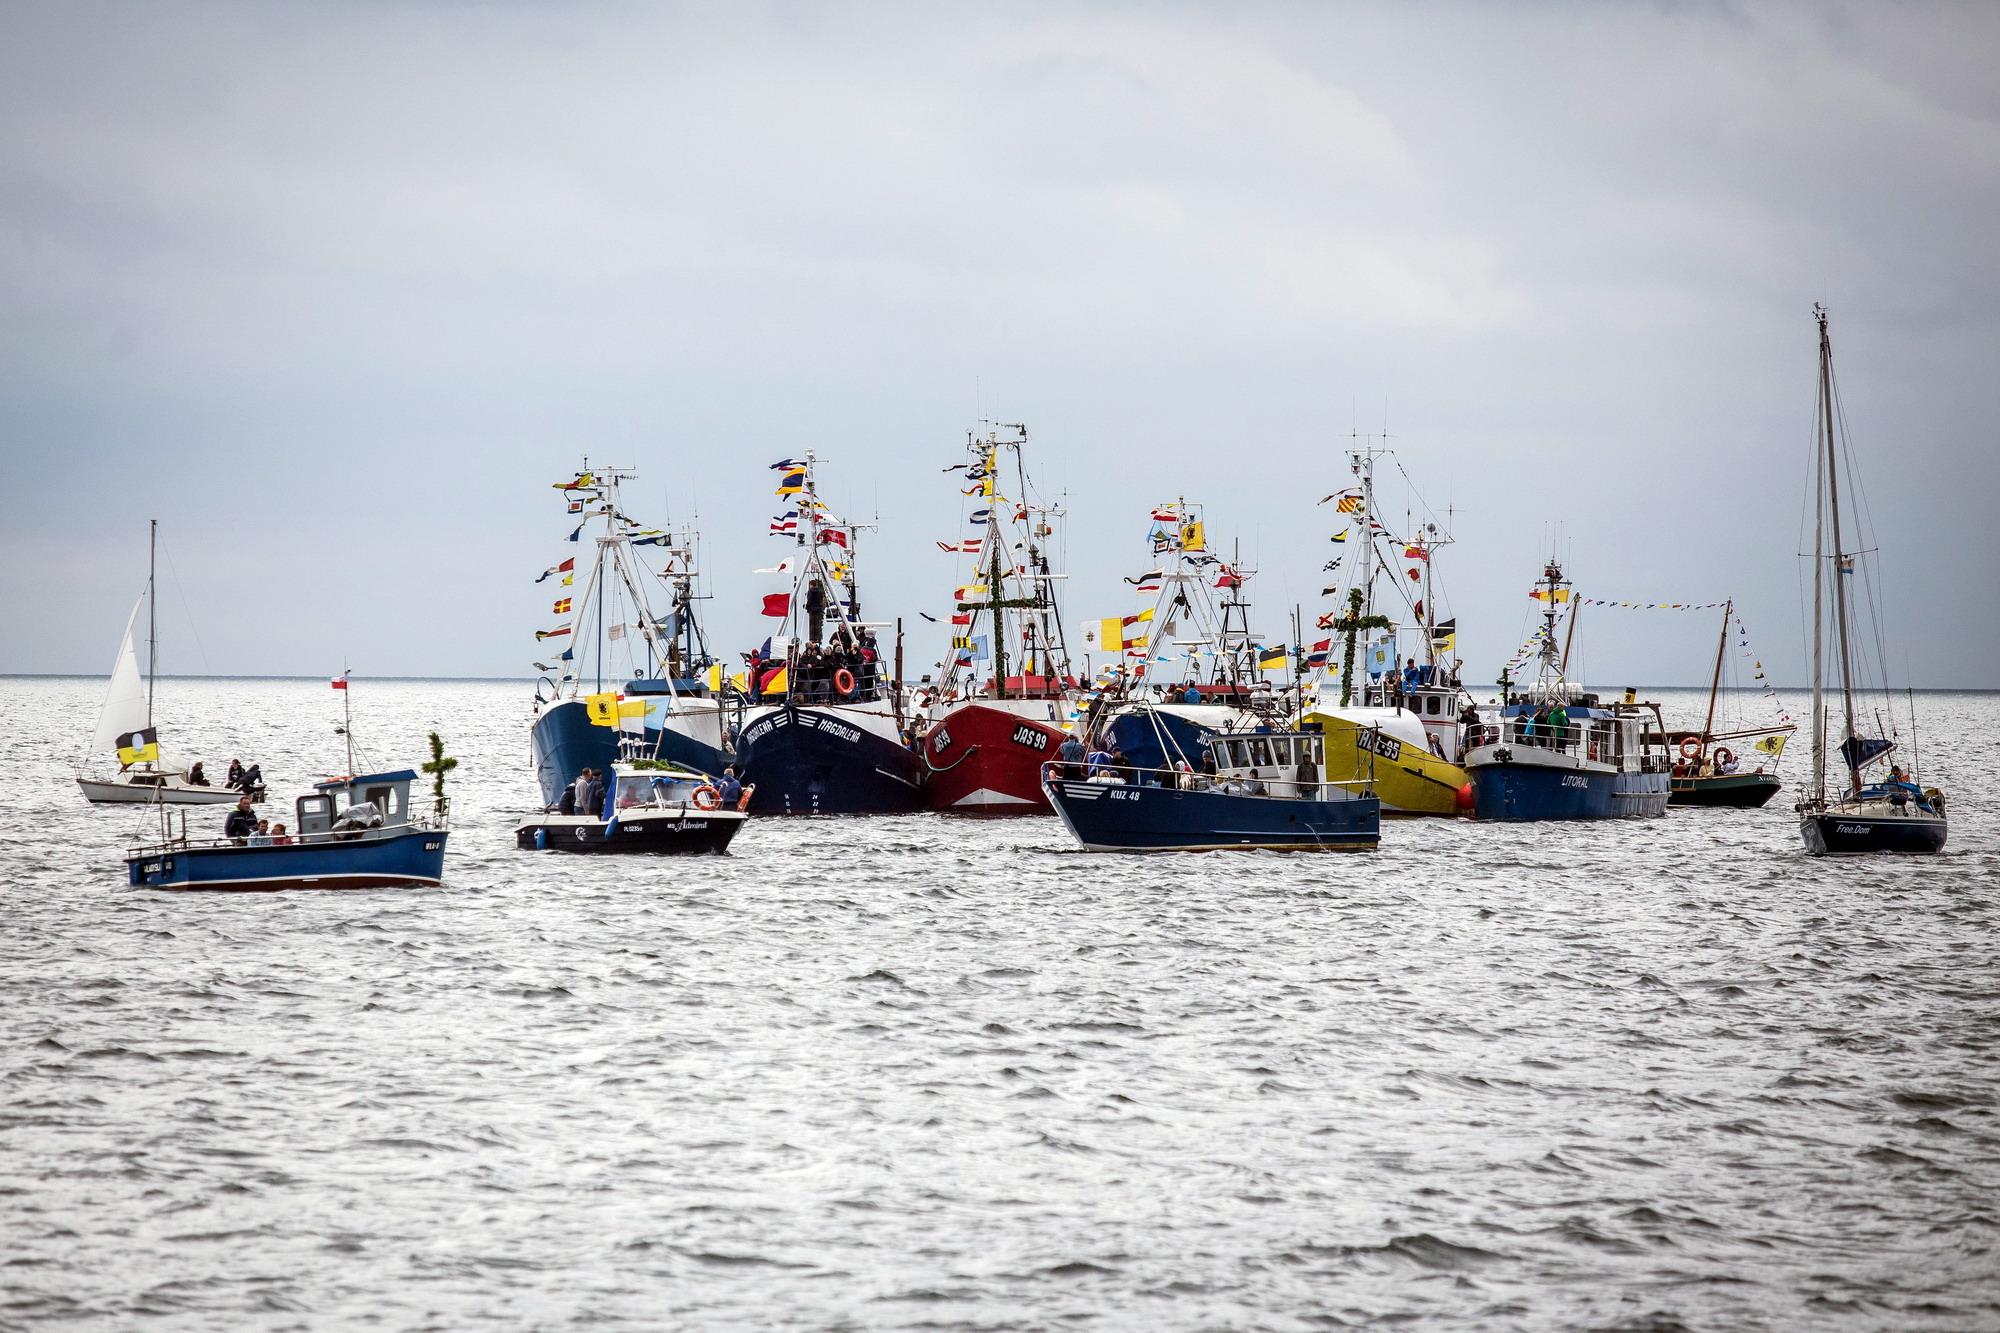 Msza na kutrach, łodziach, jachtach i motorówkach? Jedyna niezwykła Morska Pielgrzymka Rybacka